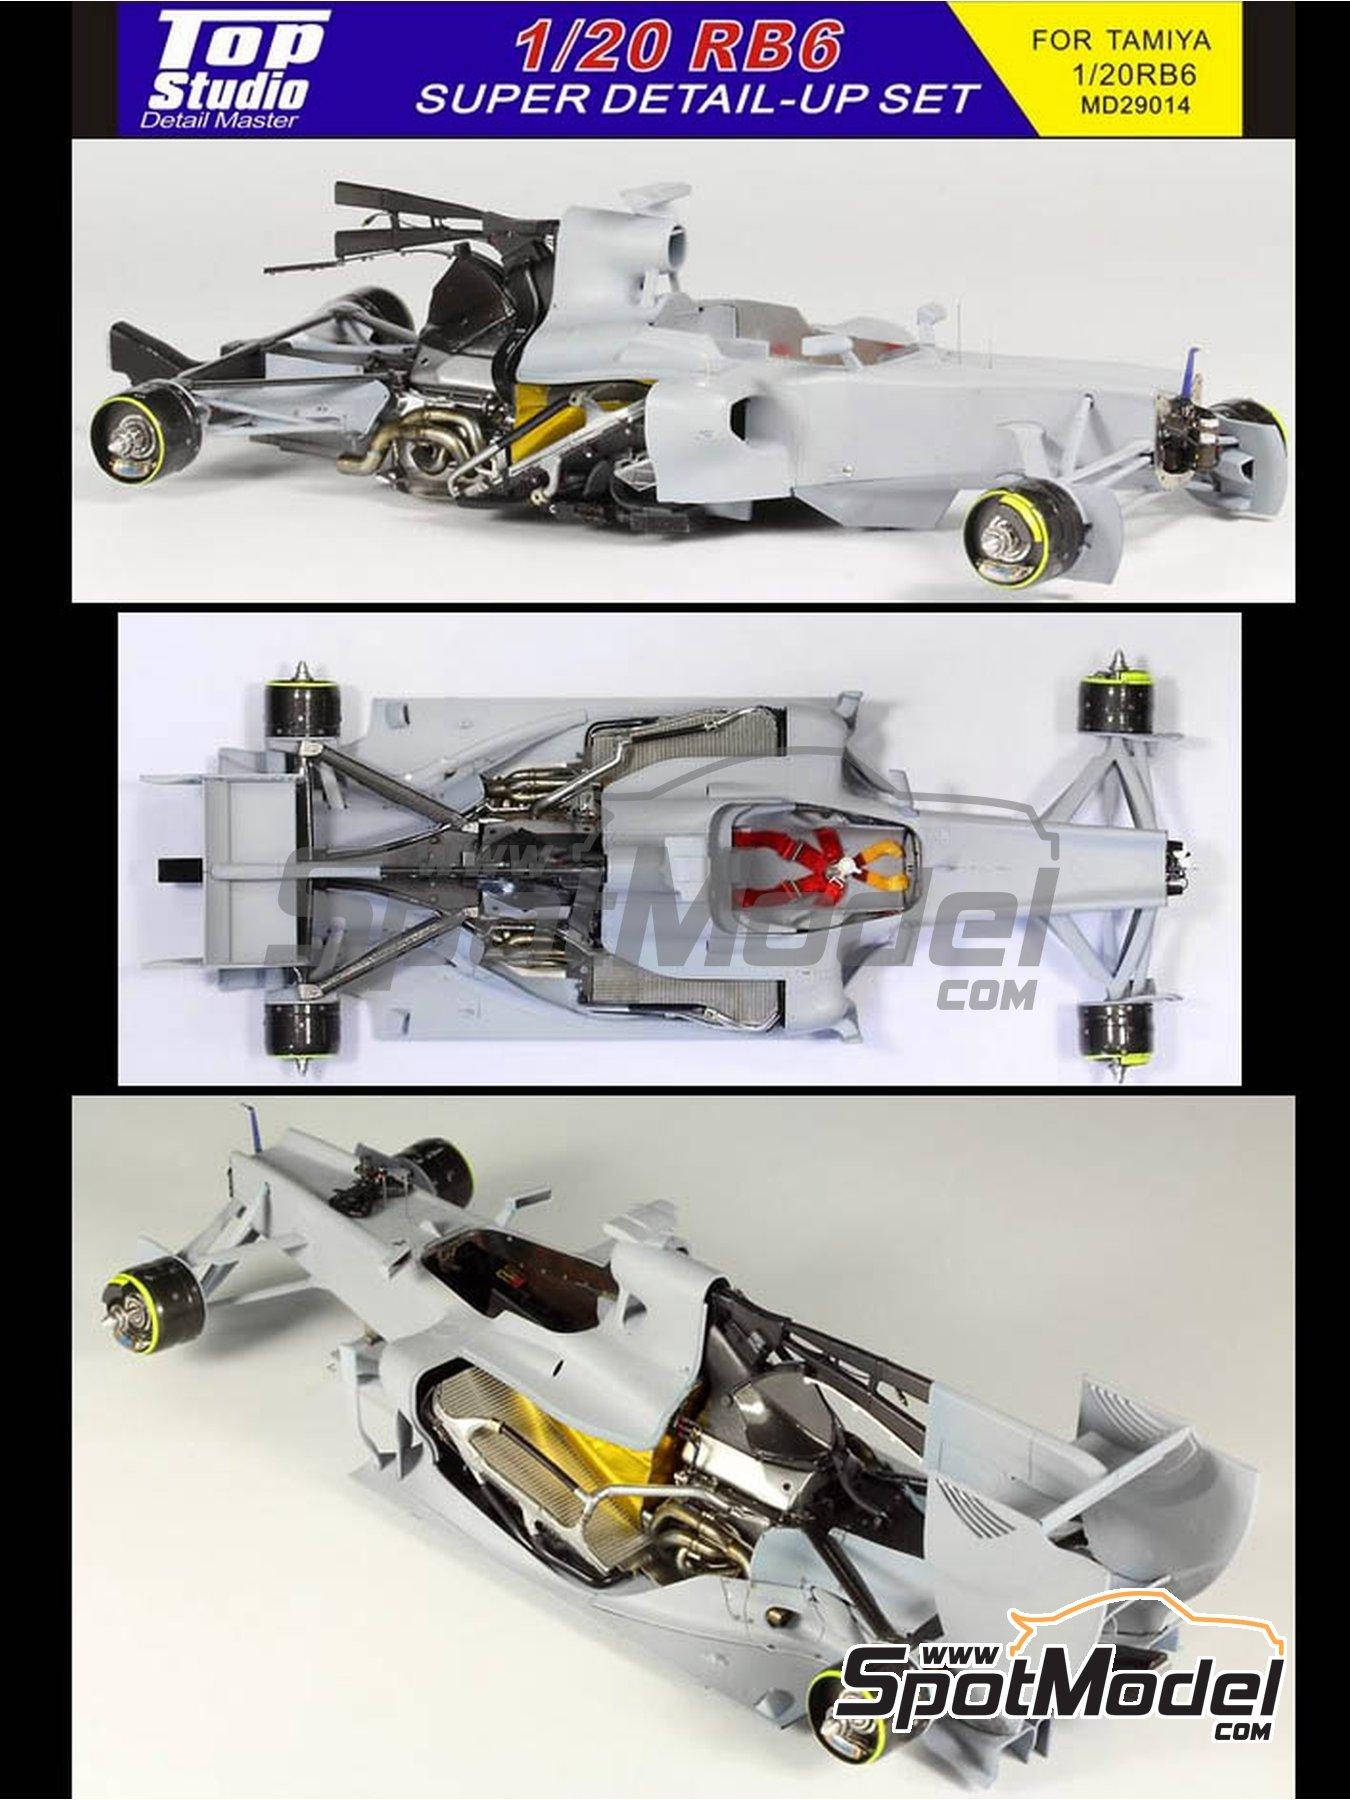 RB Racing Renault RB6   Set de mejora y detallado en escala1/20 fabricado por Top Studio (ref.MD29014) image